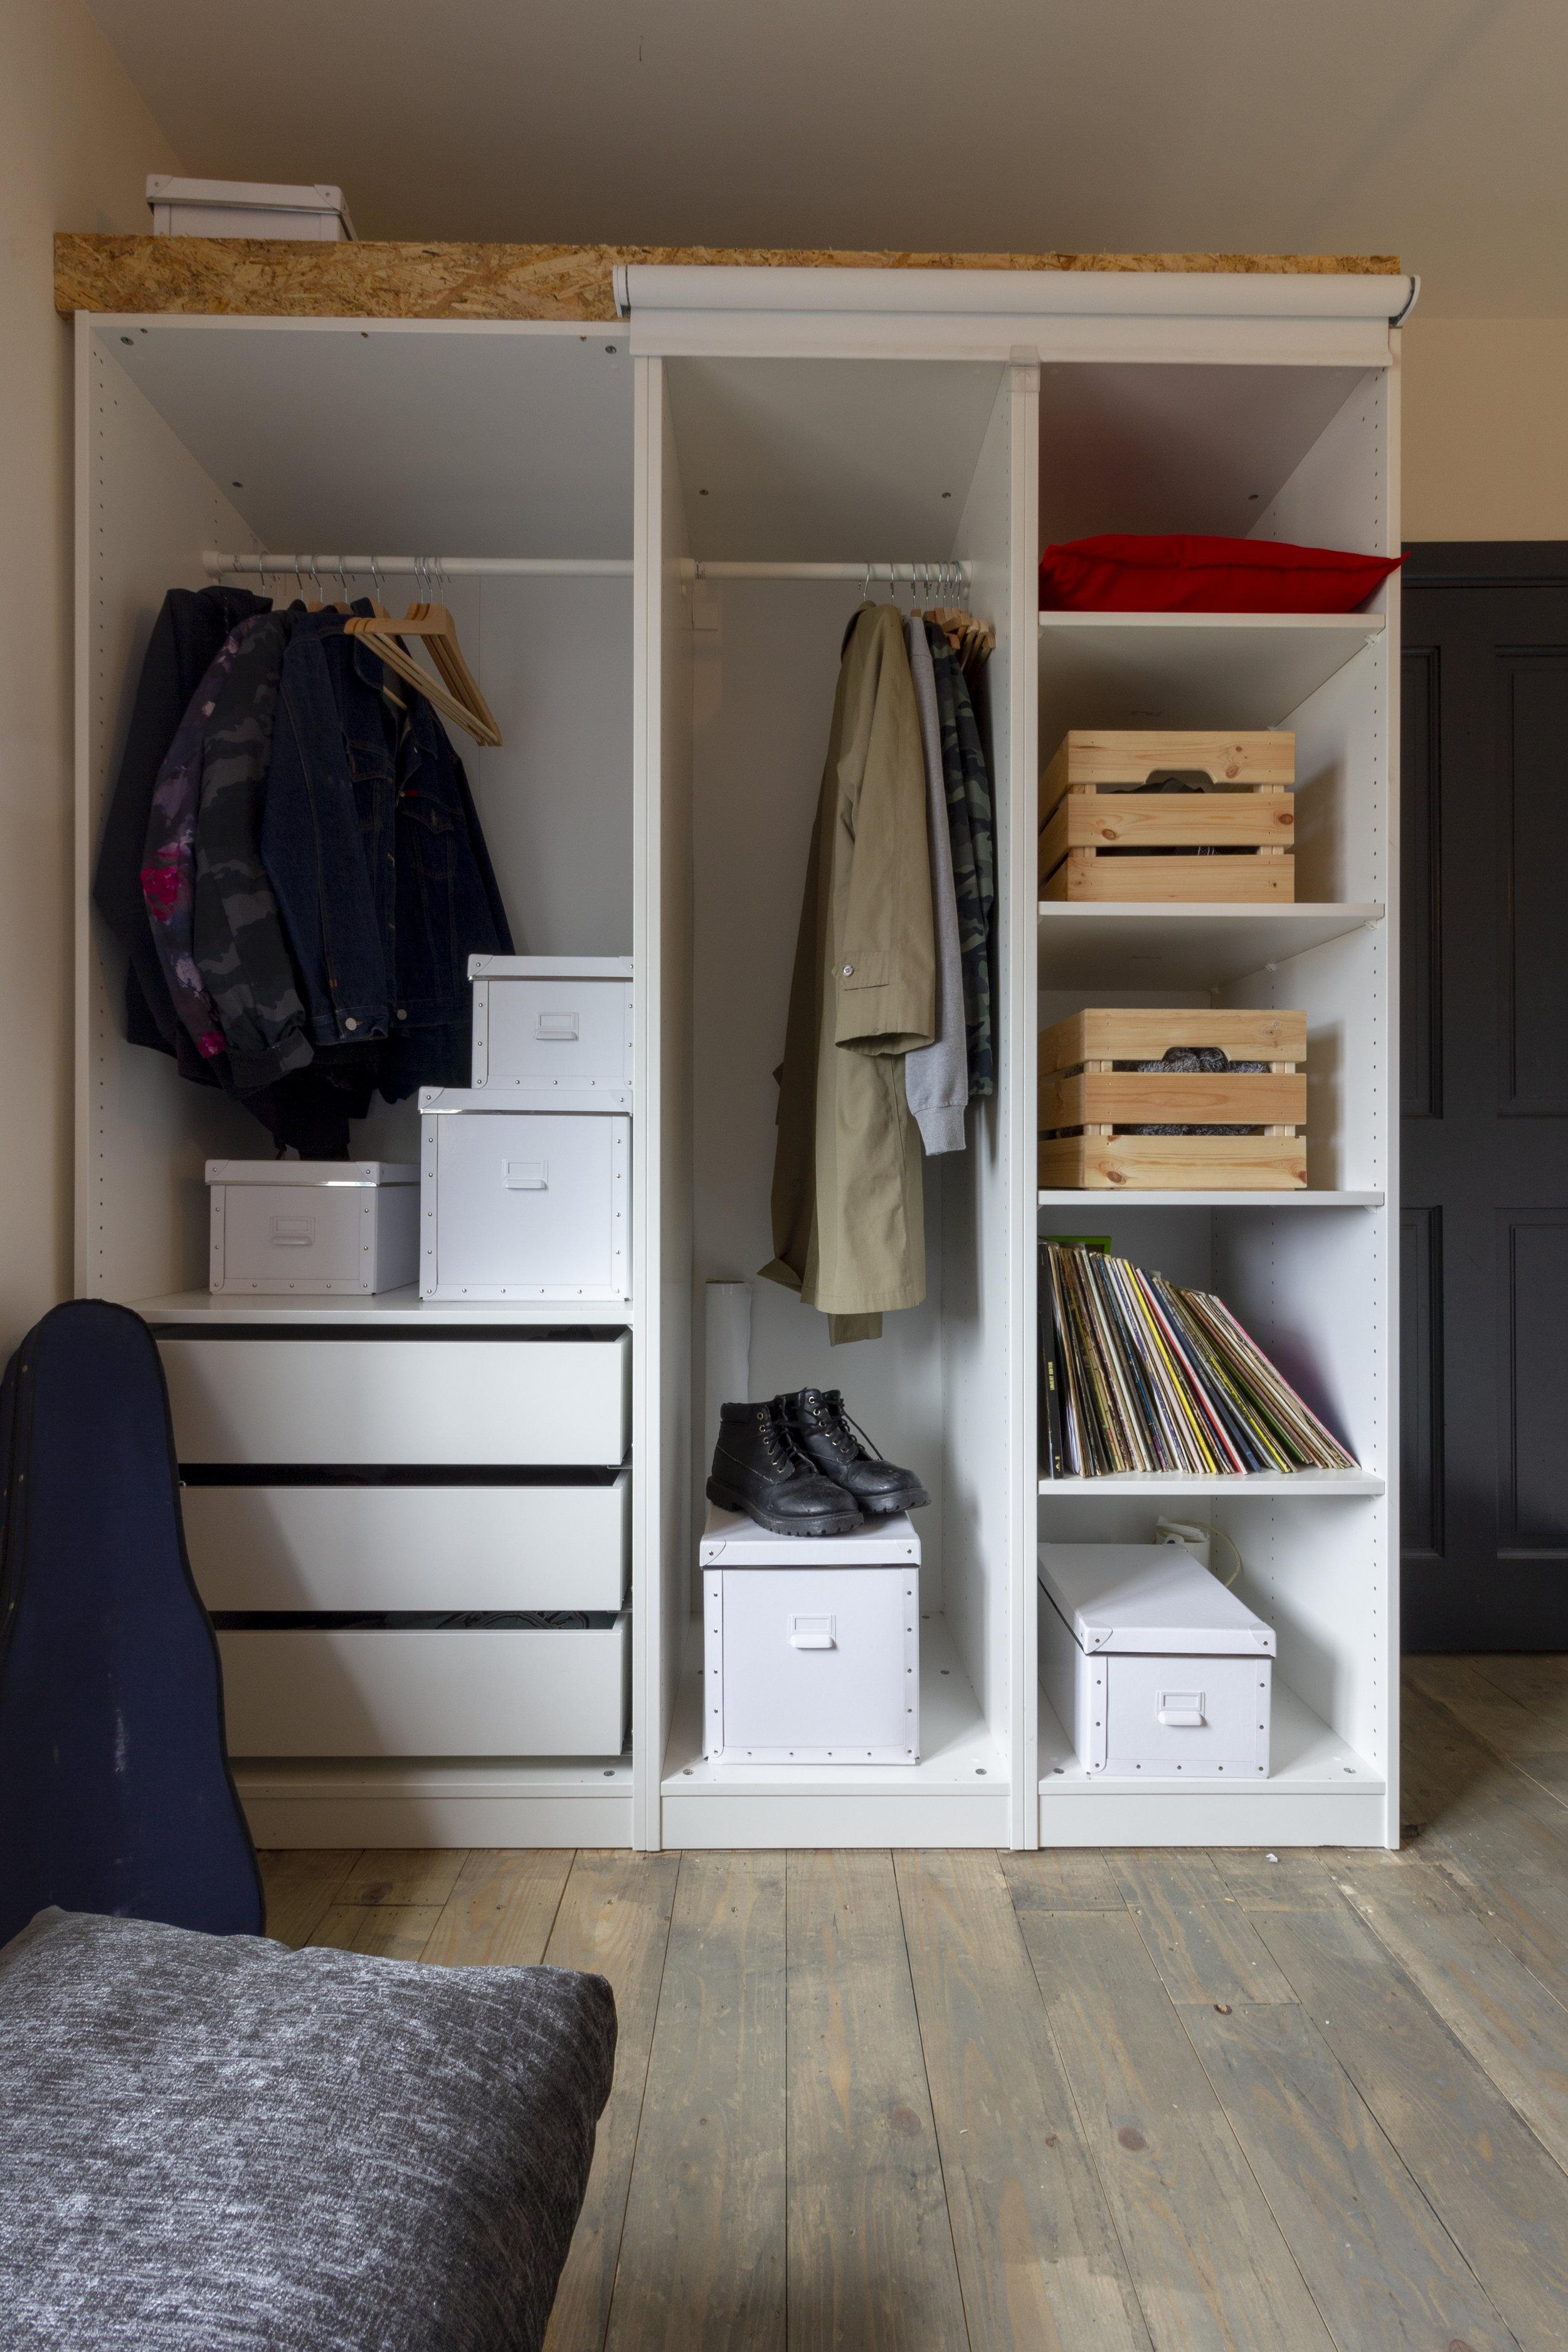 HR - Laytown - After - Bedroom 8.jpg